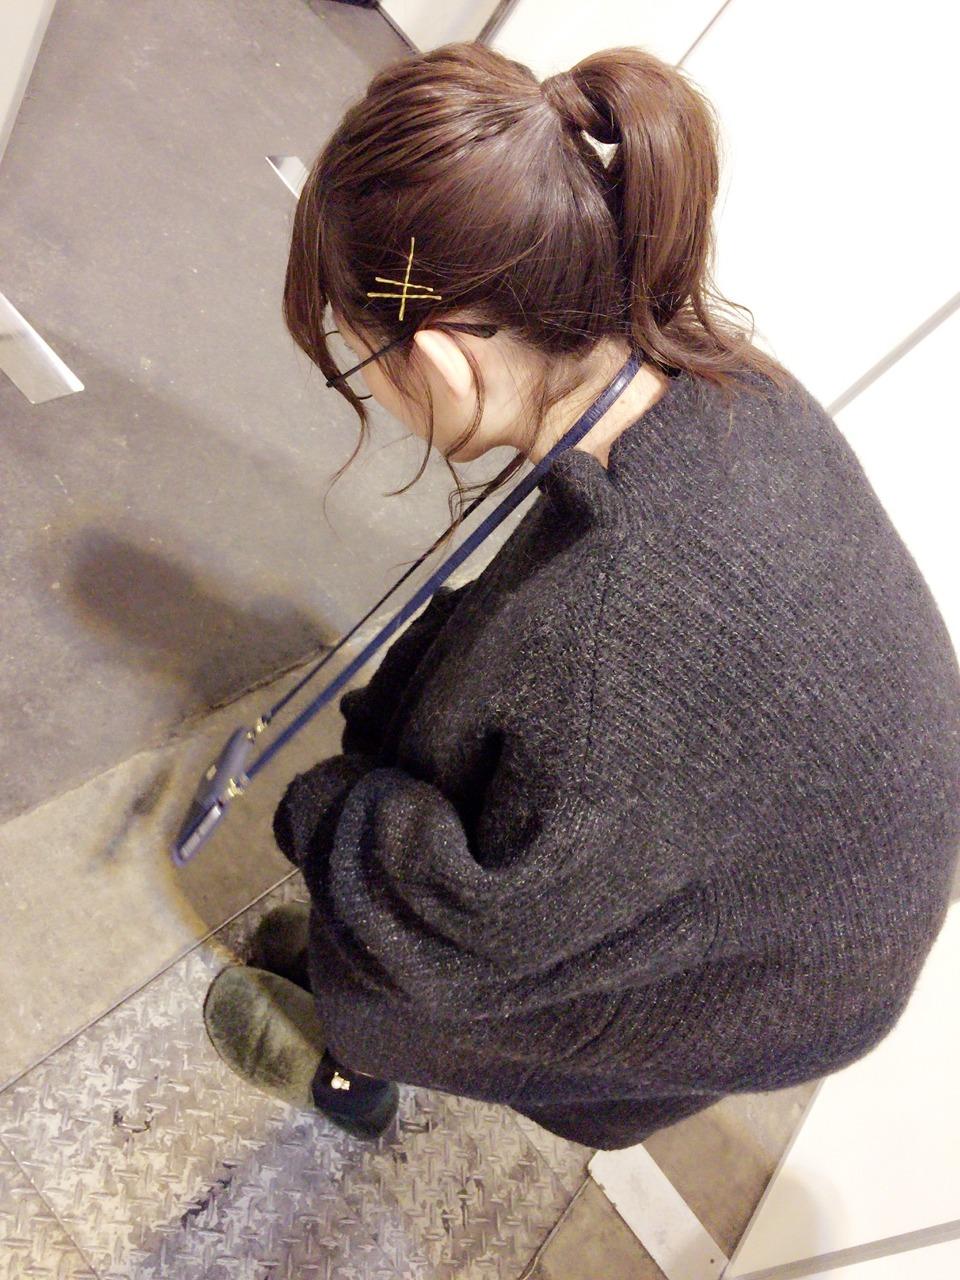 【欅坂46】小池美波応援スレ★5【みぃちゃん】 [無断転載禁止]©2ch.netYouTube動画>14本 ->画像>872枚